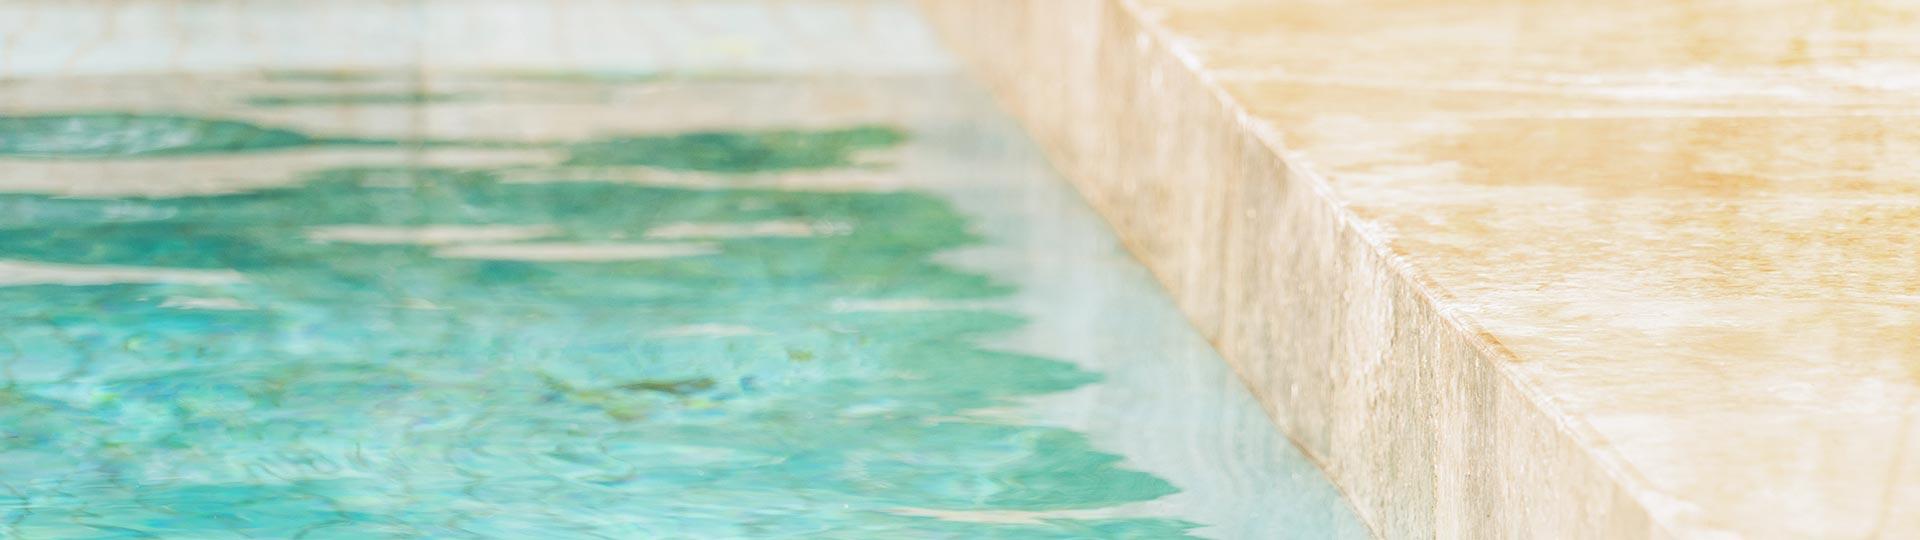 Mejores métodos para desinfectar tu piscina paso a paso